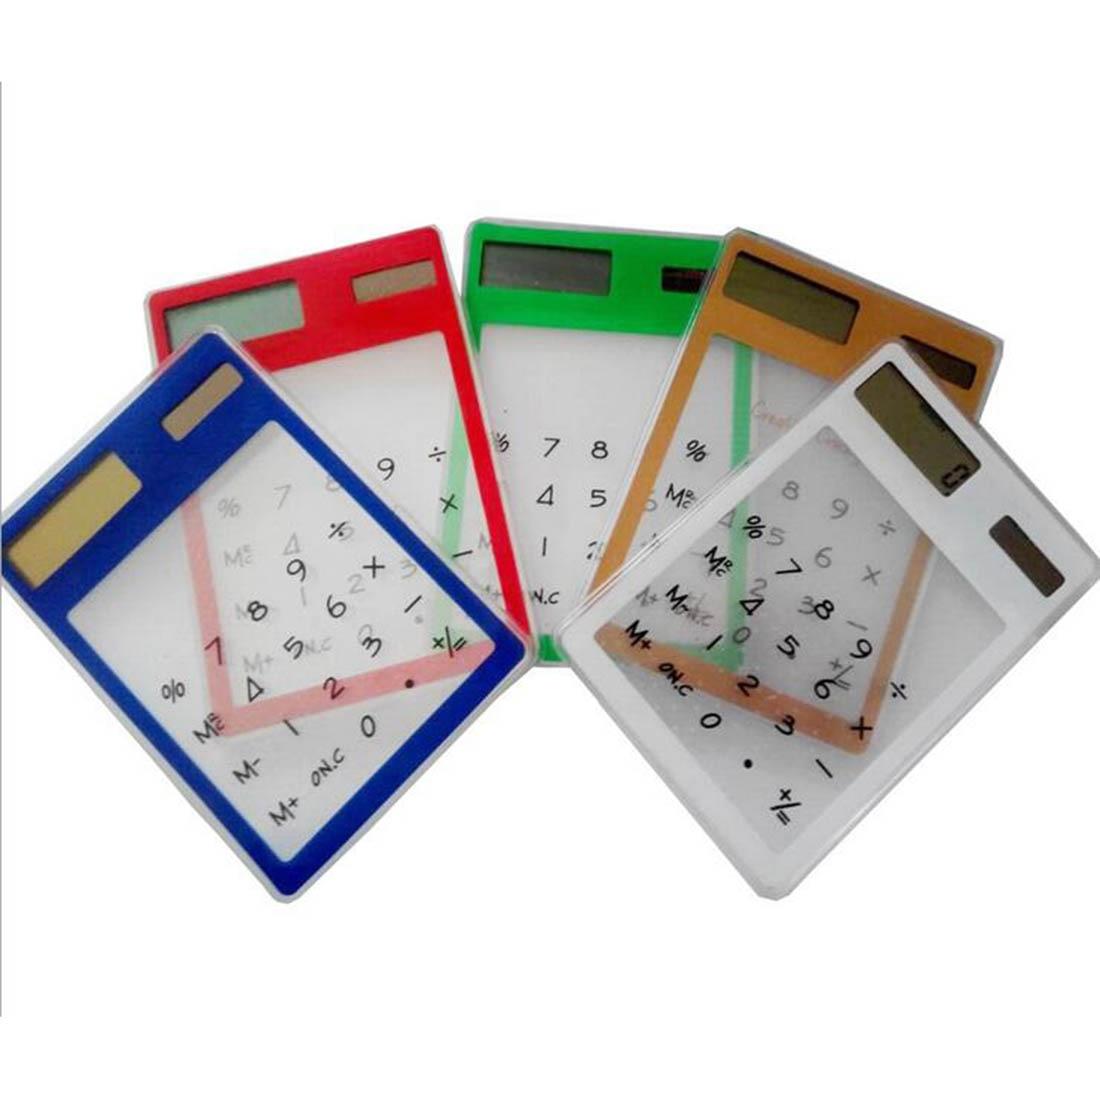 Портативный ЖК-дисплей 8-значный Сенсорный экран ультра тонкий прозрачный солнечный калькулятор ясно научный калькулятор школьные офисные